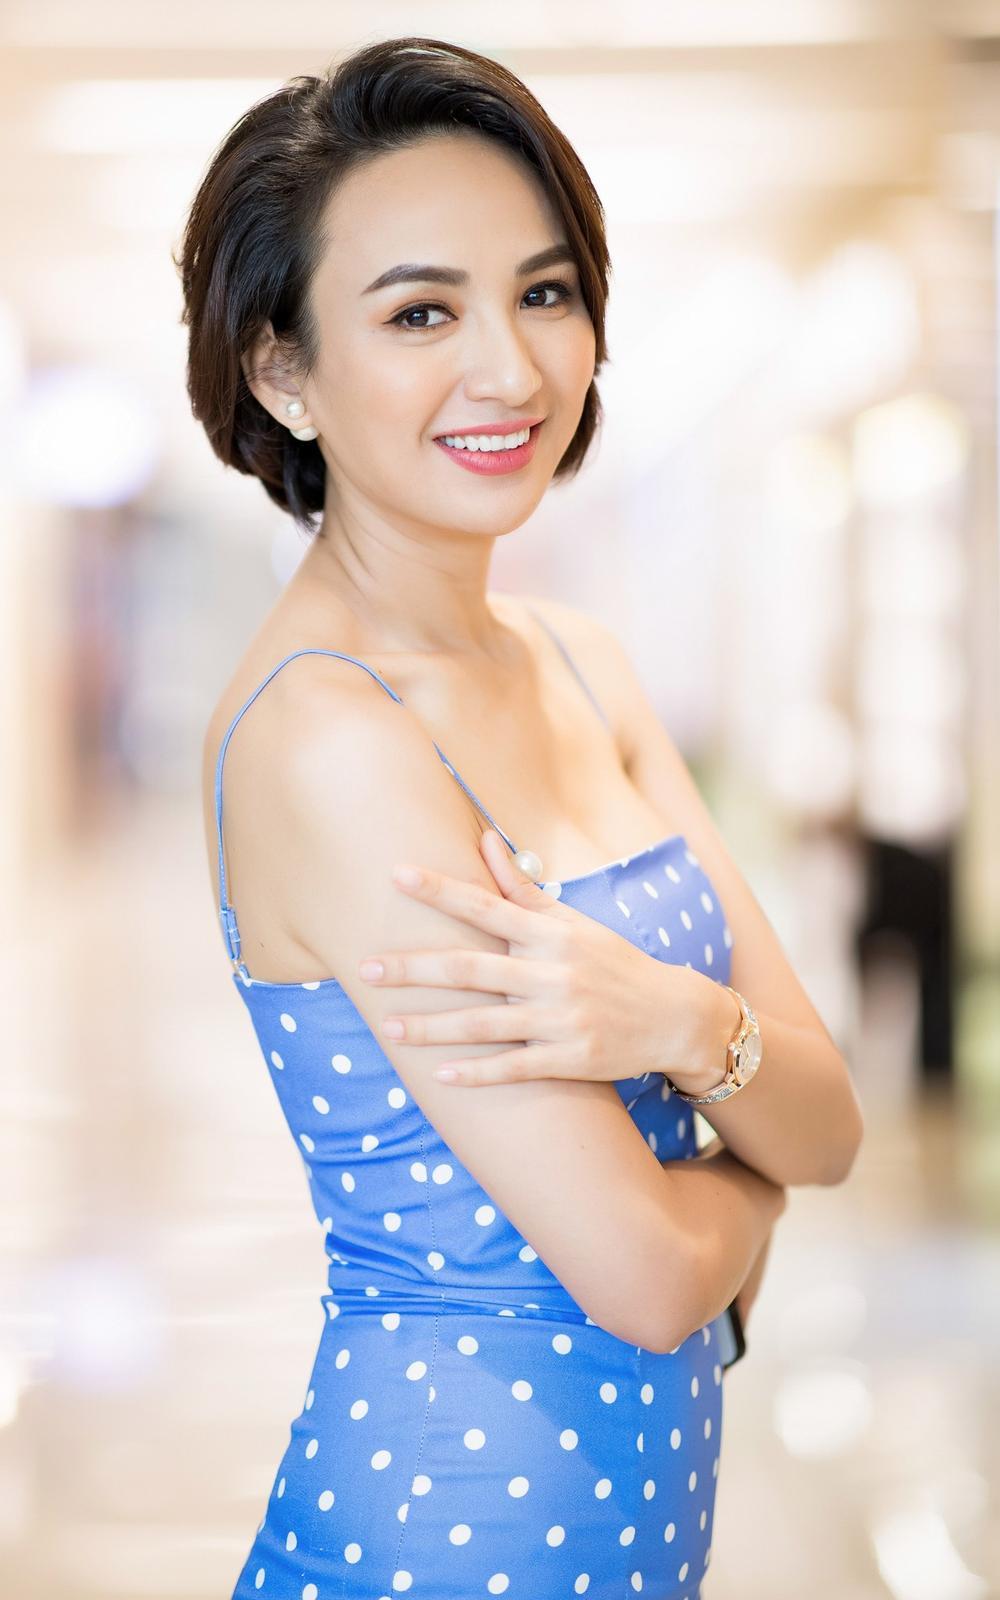 5 mỹ nhân khước từ cơ hội thi Miss Universe: Thanh Hằng gây tiếc nuối, Diễm Trang sợ thiếu thời gian Ảnh 13